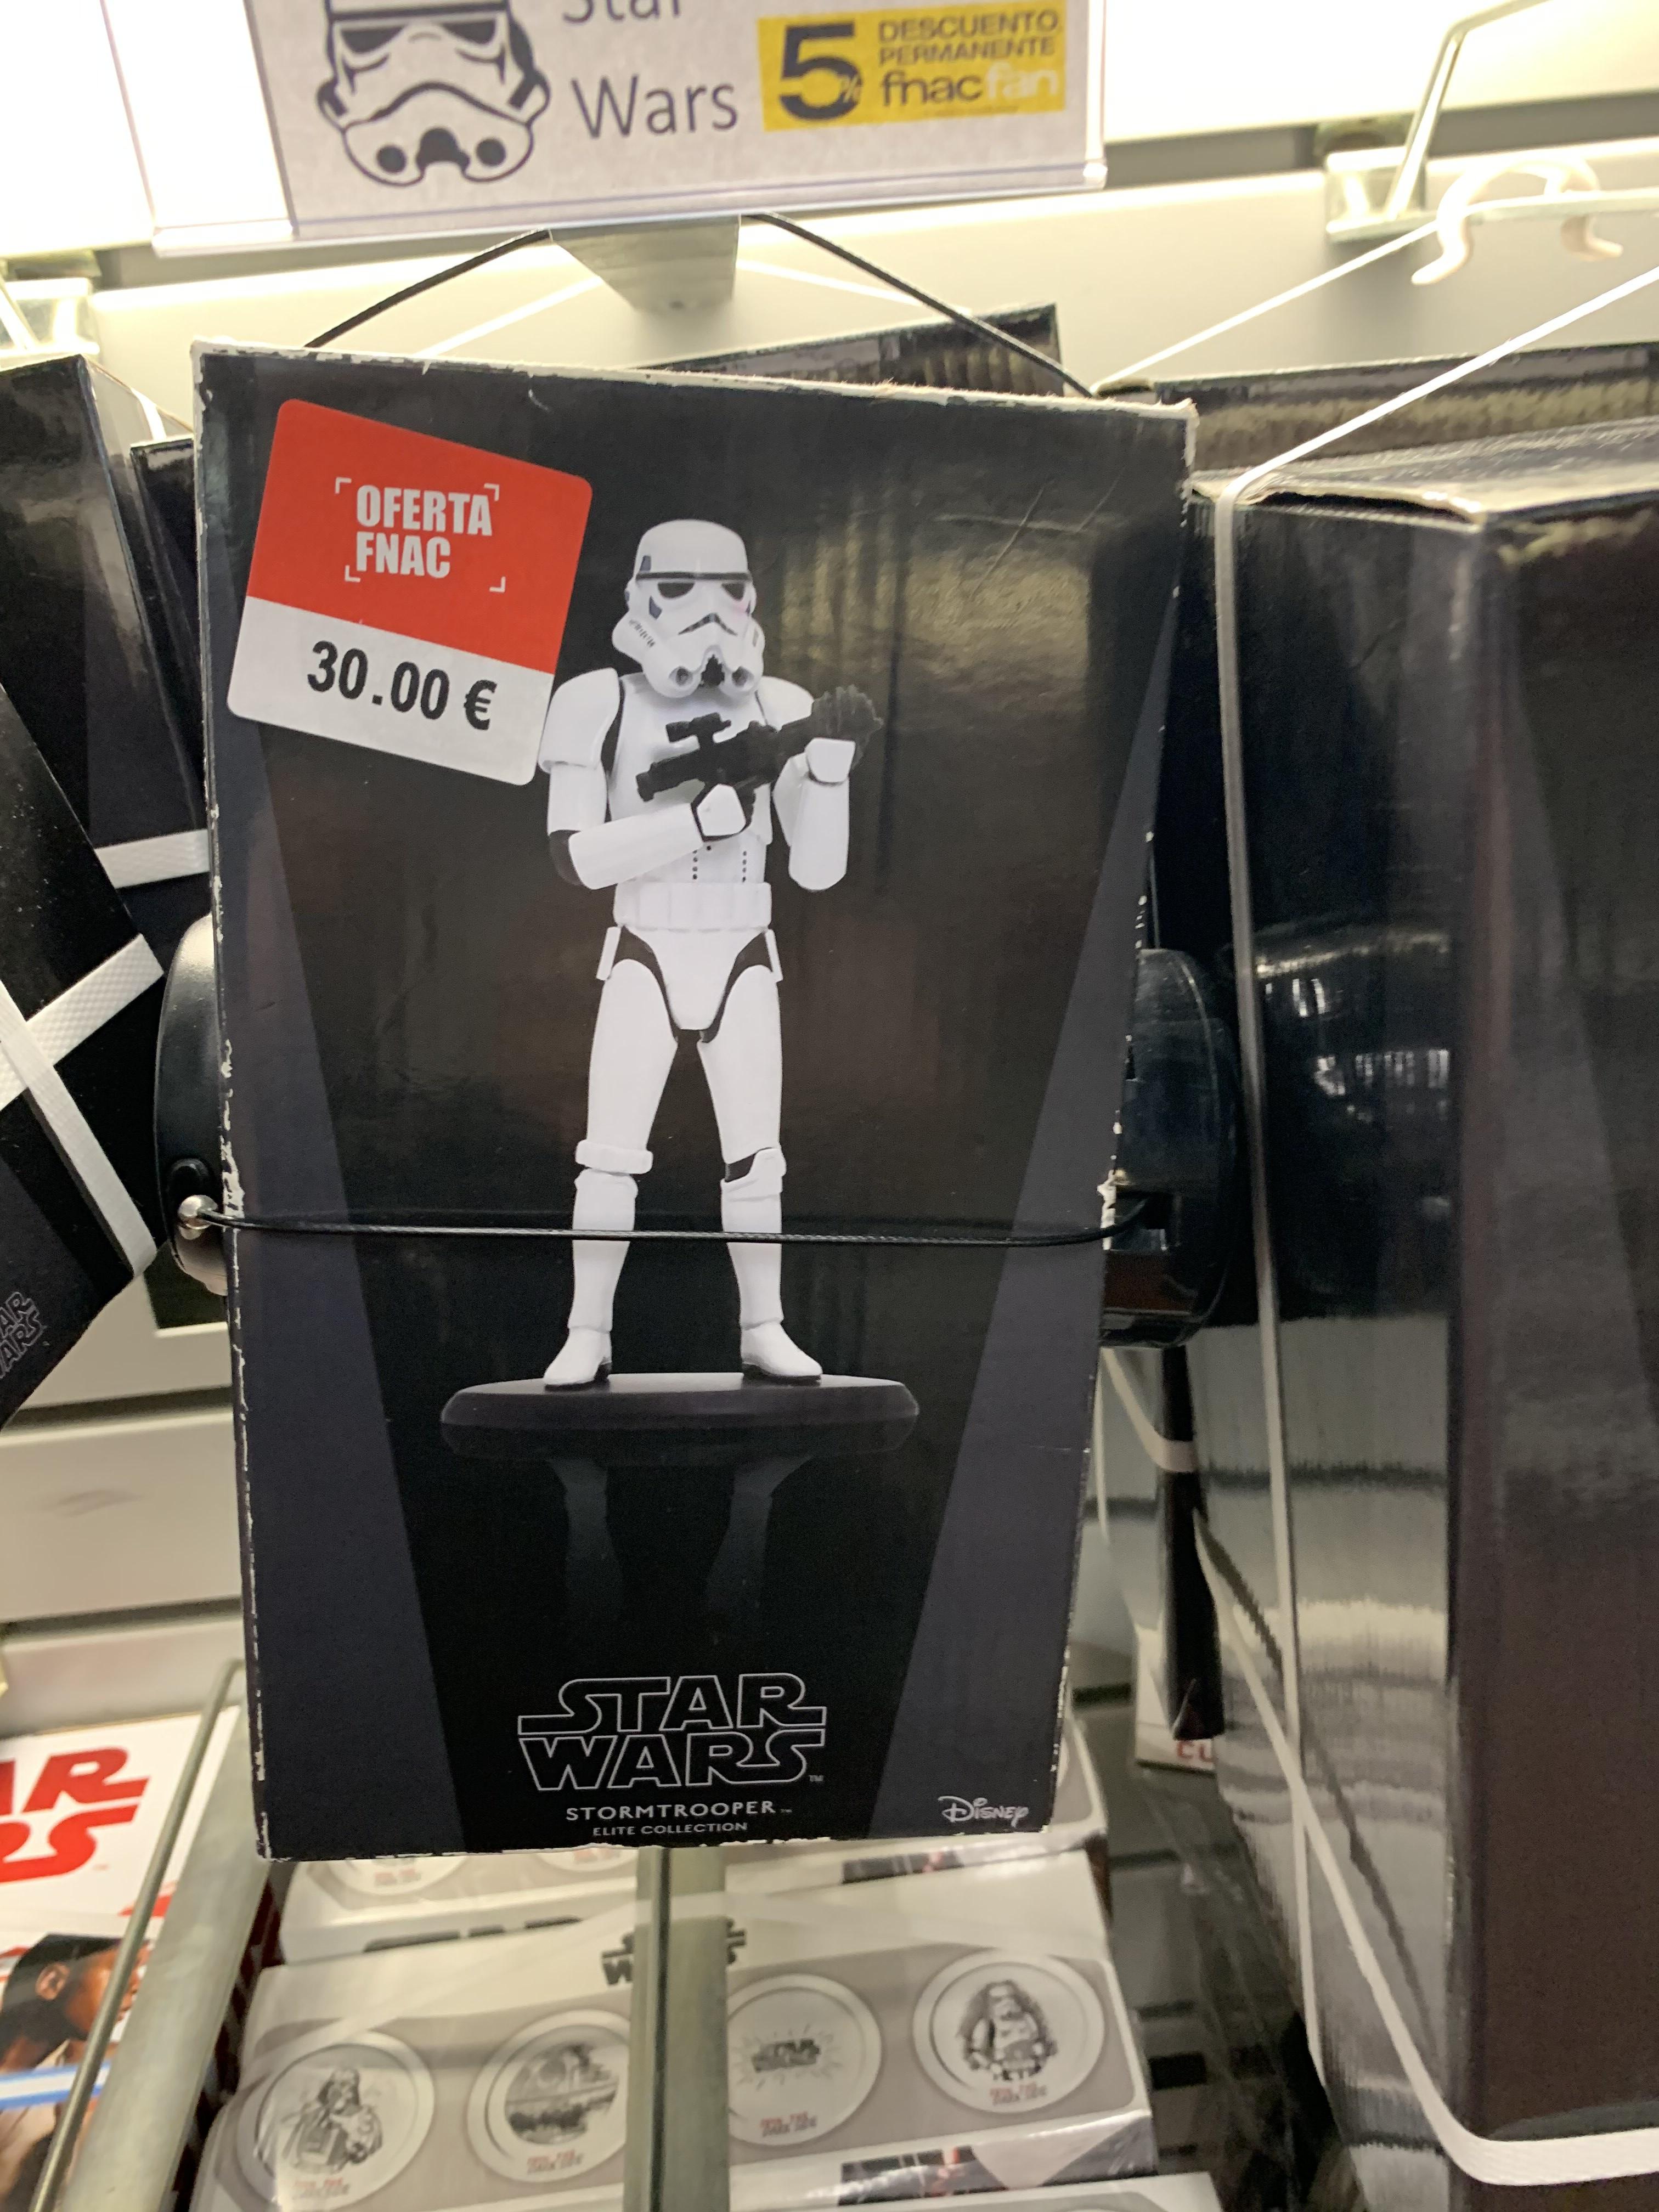 Star Wars Élite series, Stormtrooper (Fnac Murcia)